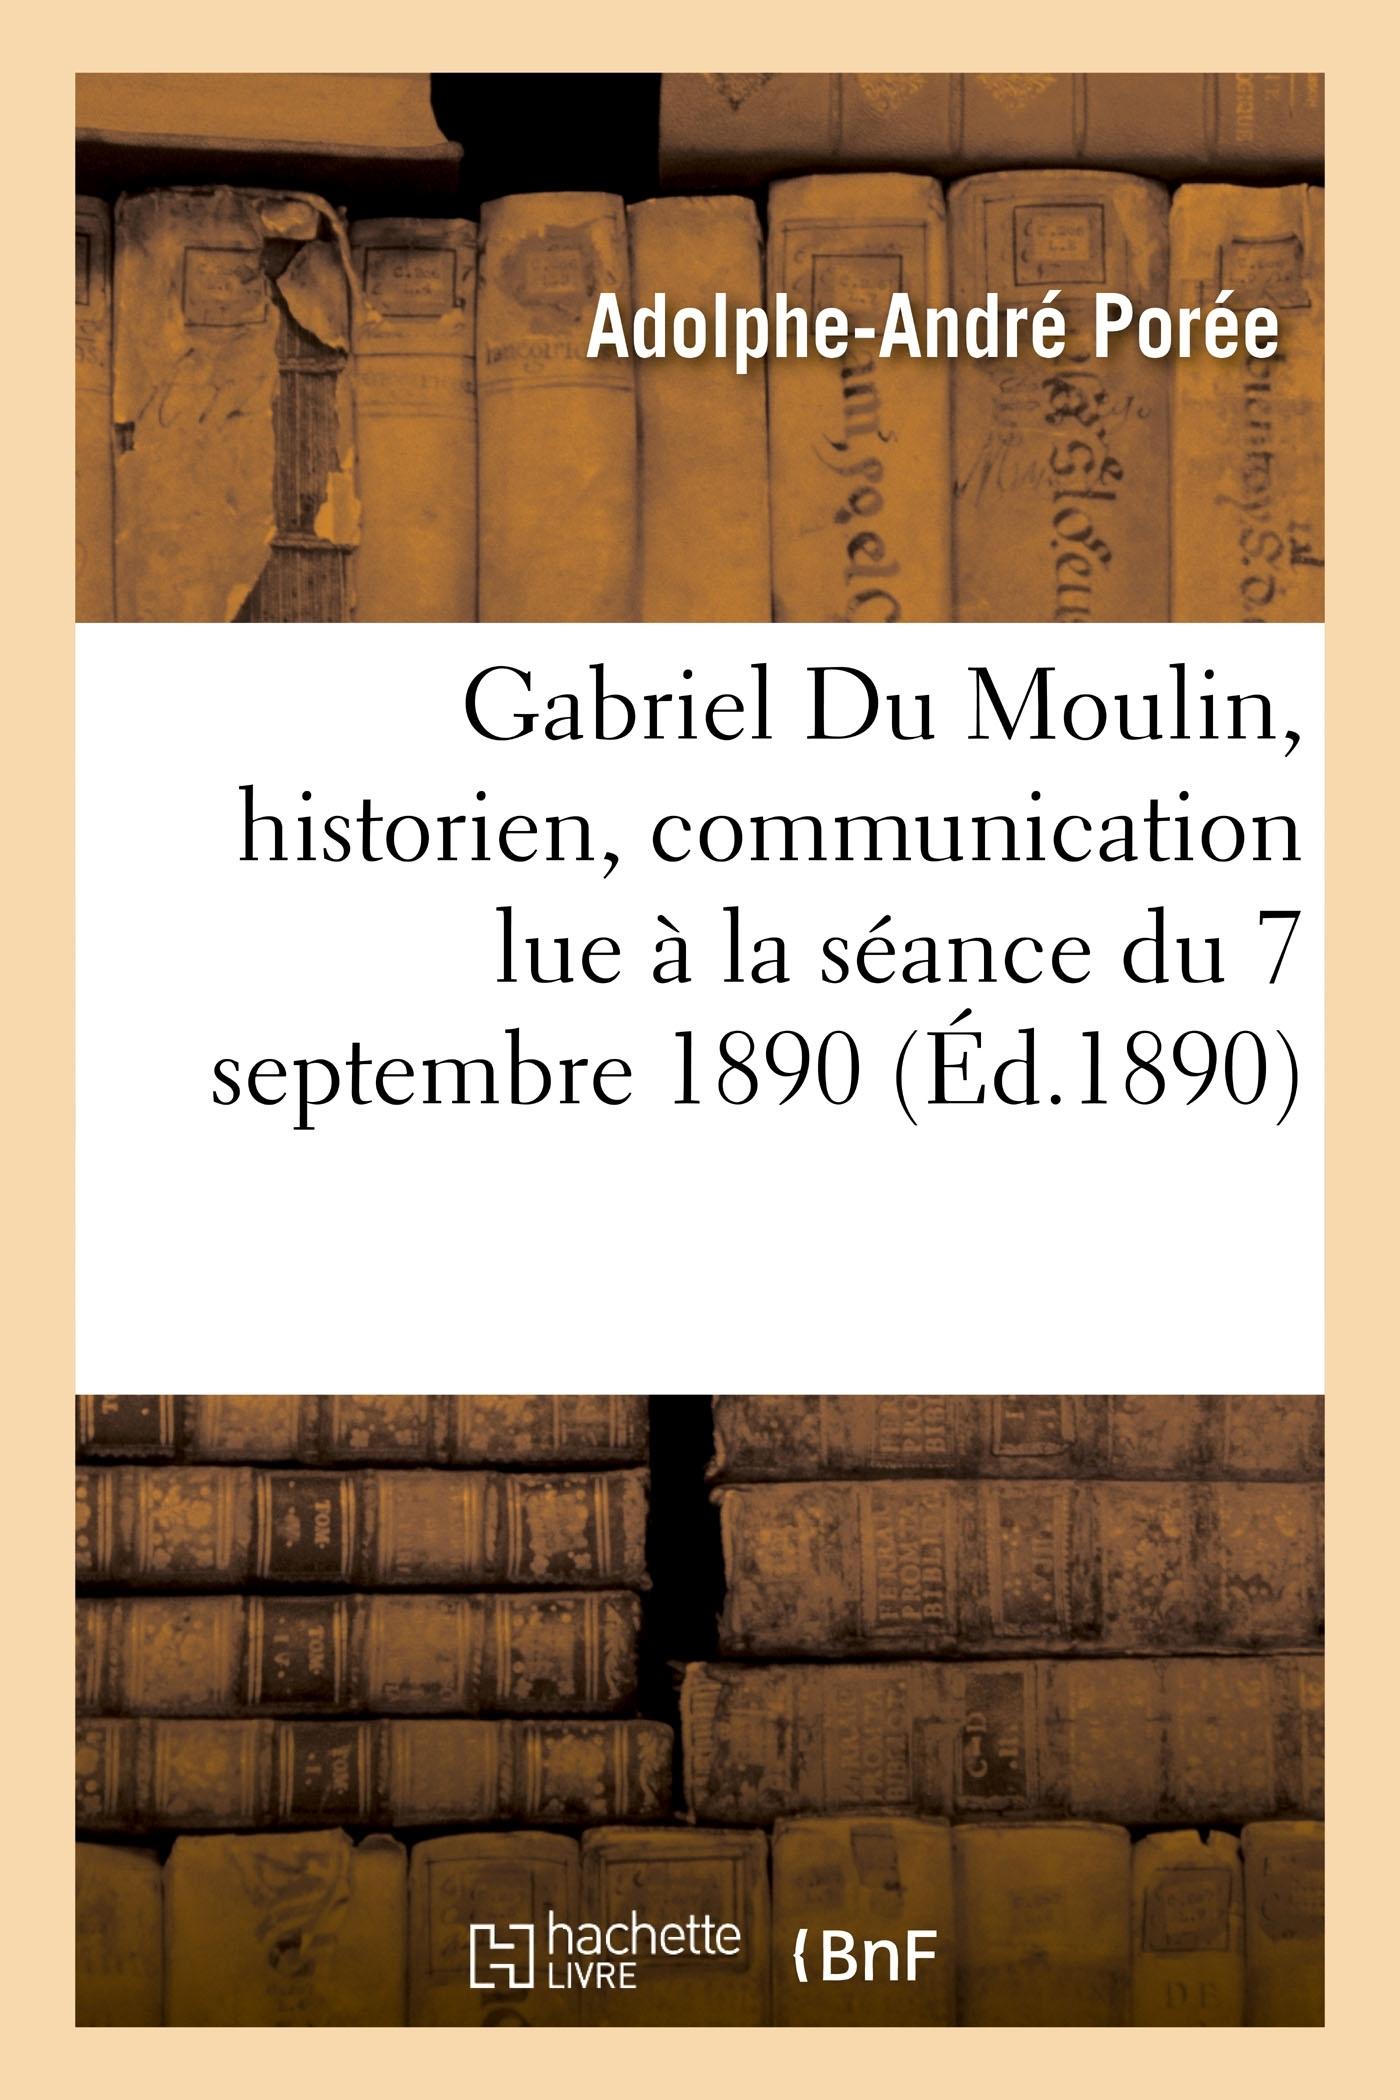 GABRIEL DU MOULIN, HISTORIEN, COMMUNICATION LUE A LA SEANCE DU 7 SEPTEMBRE 1890